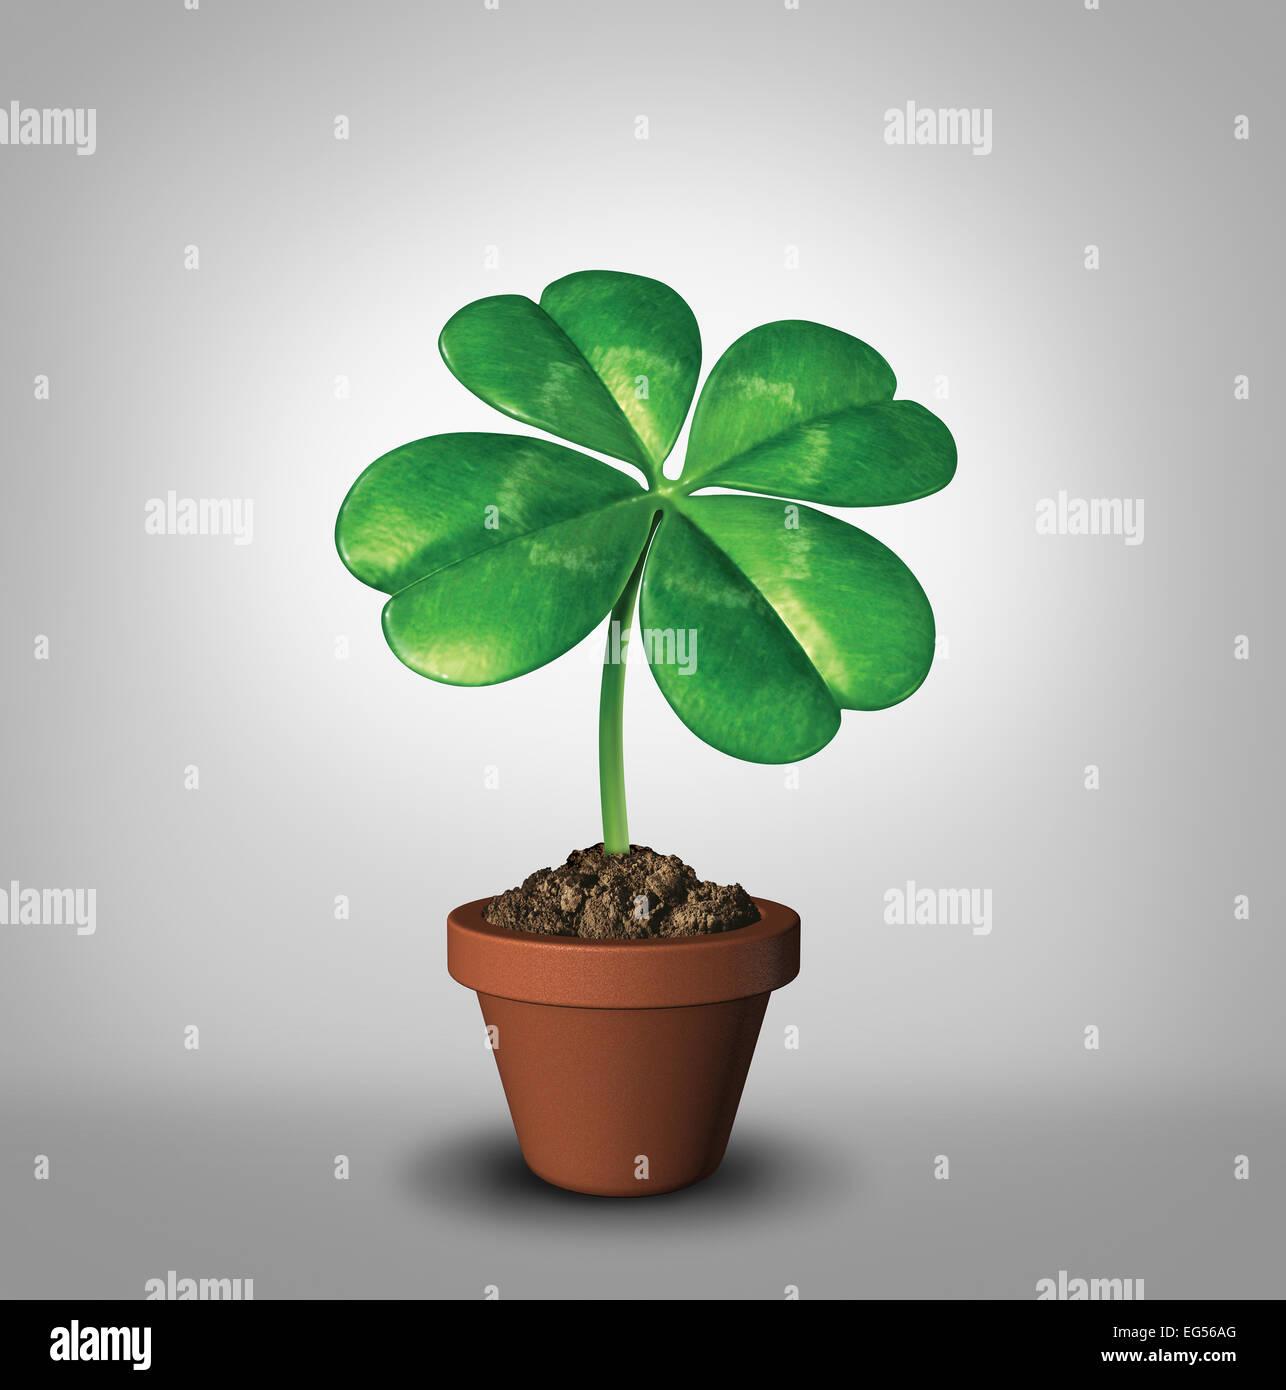 Wächst Ihr Glück als vier-Blatt Klee Pflanze in einen Blumentopf als Symbol für Erfolg und Wohlstand Stockbild